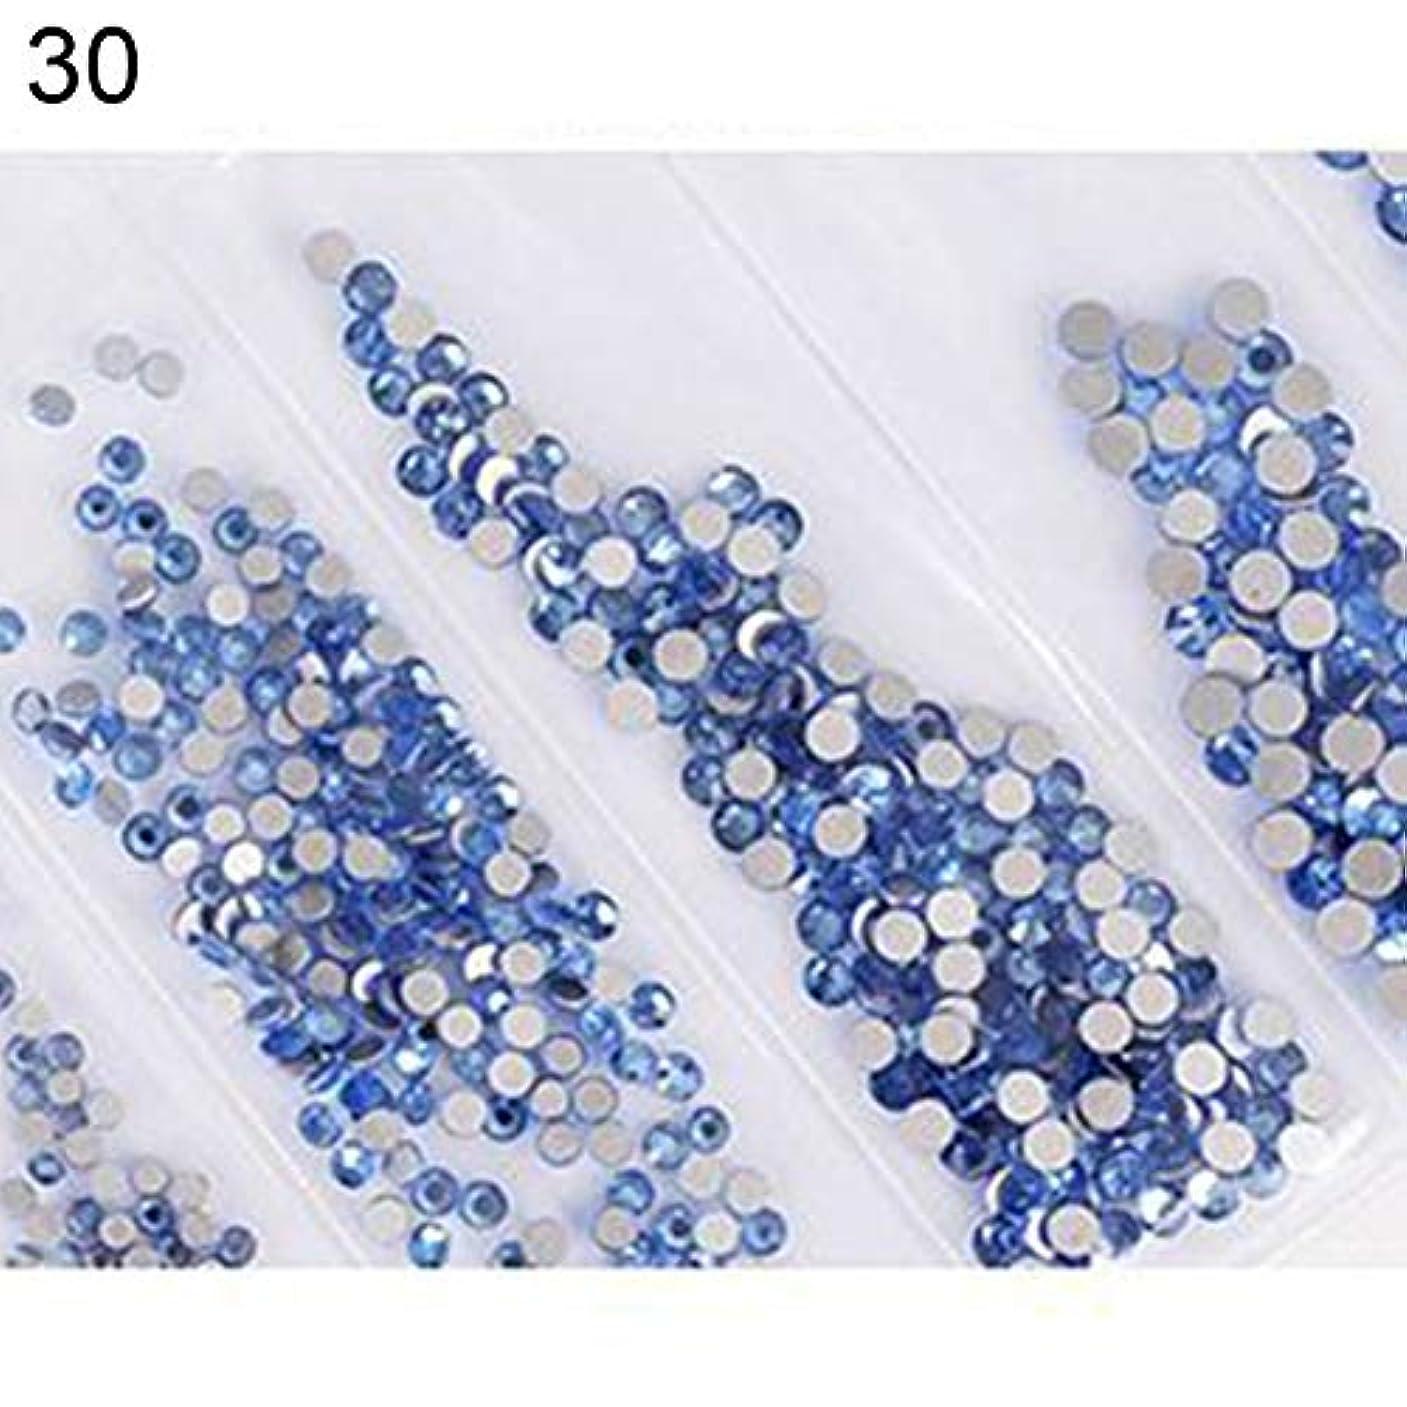 蛇行普通にビルダーhamulekfae-6ピース光沢のあるフラットガラスラインストーンネイルアートの装飾diyマニキュアのヒントツール 30#